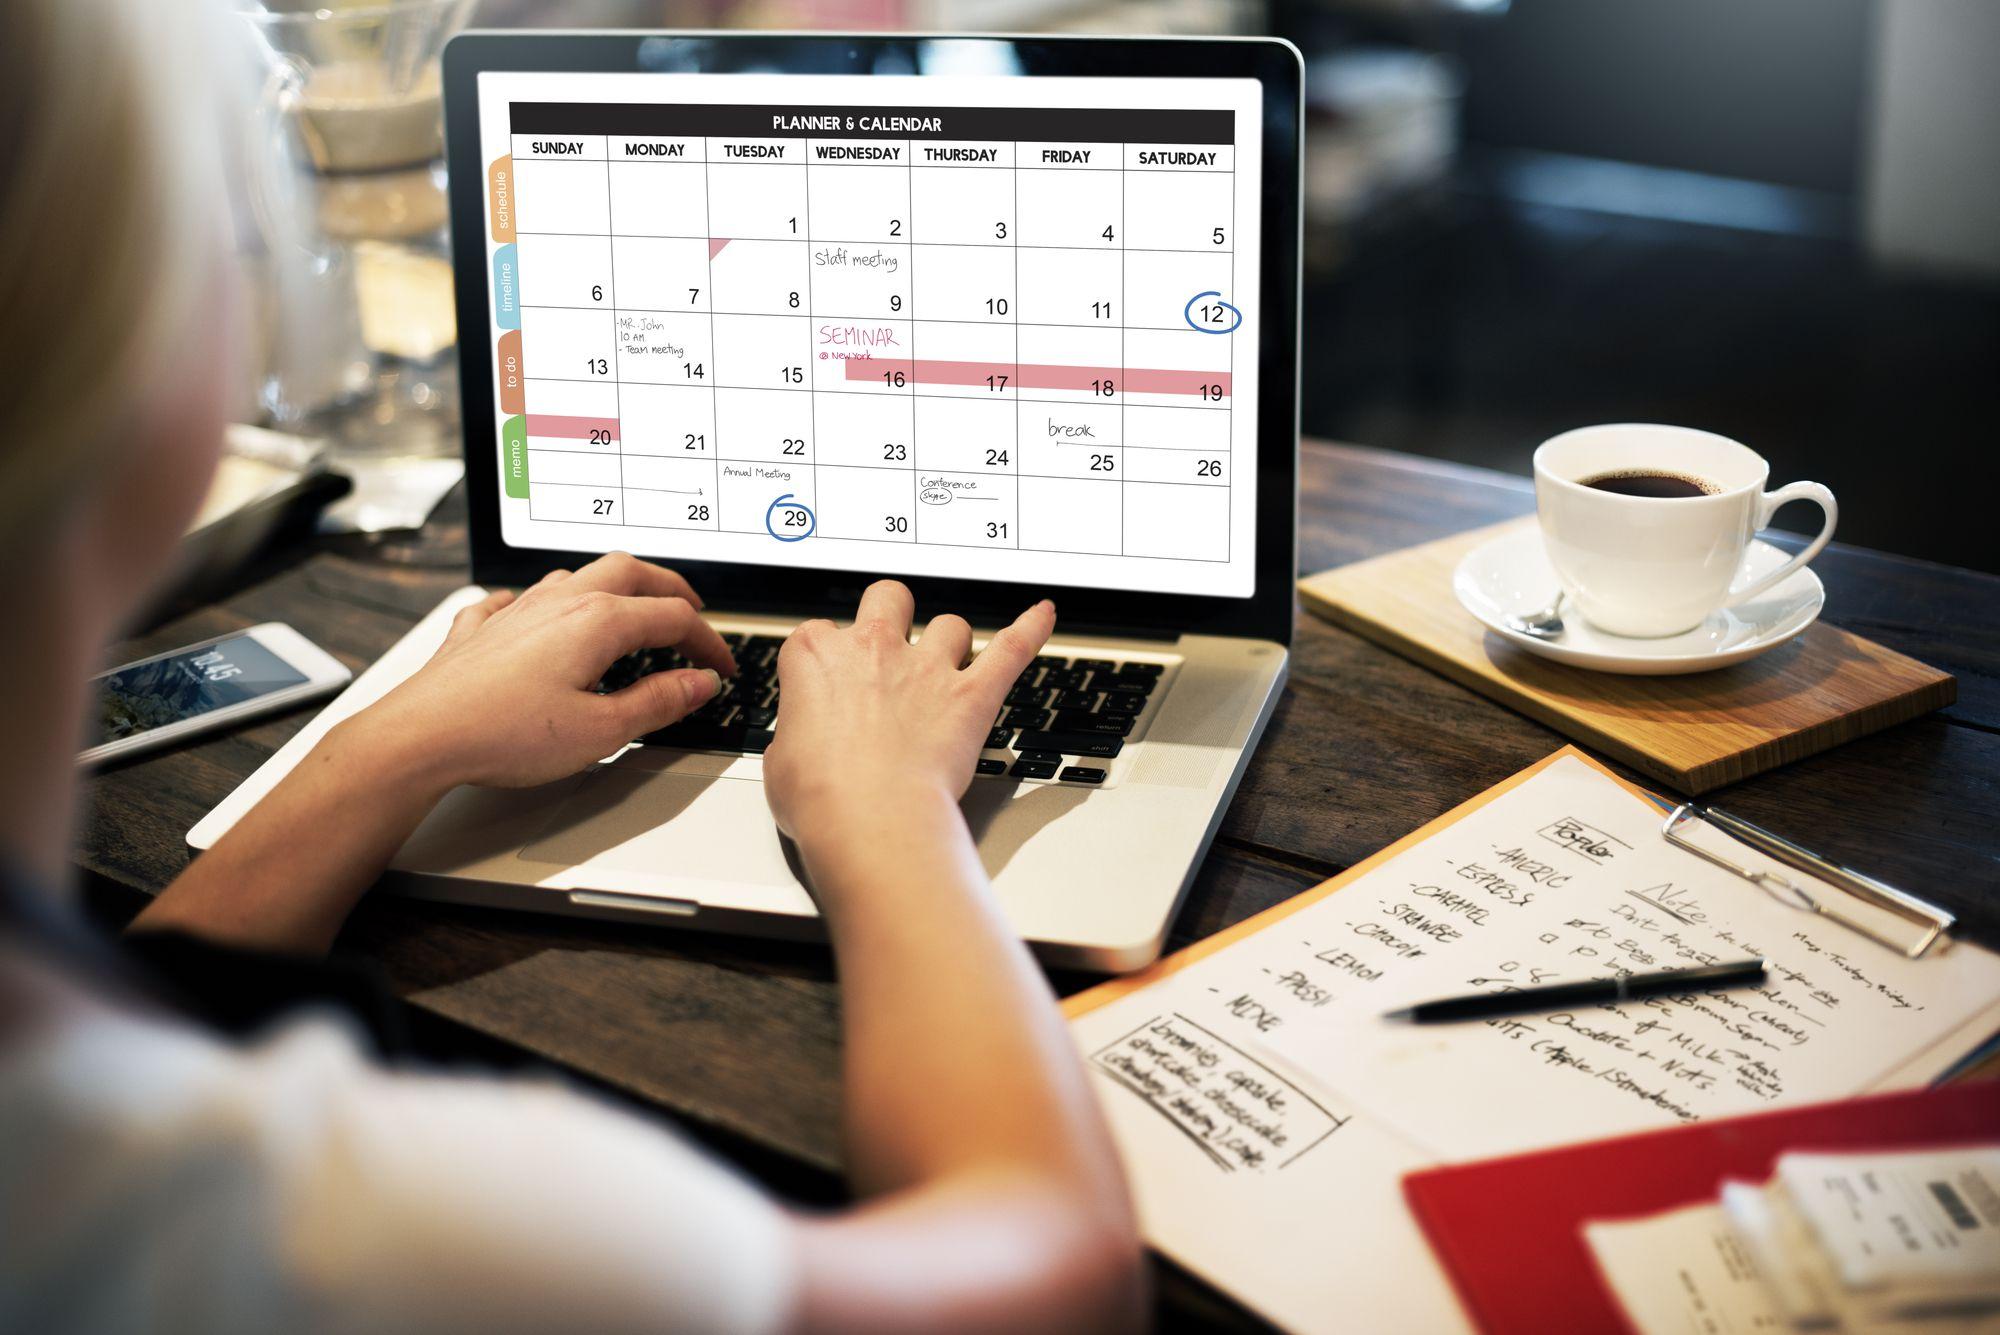 Confira o calendário dos grandes eventos em 2018 e prepare-se!